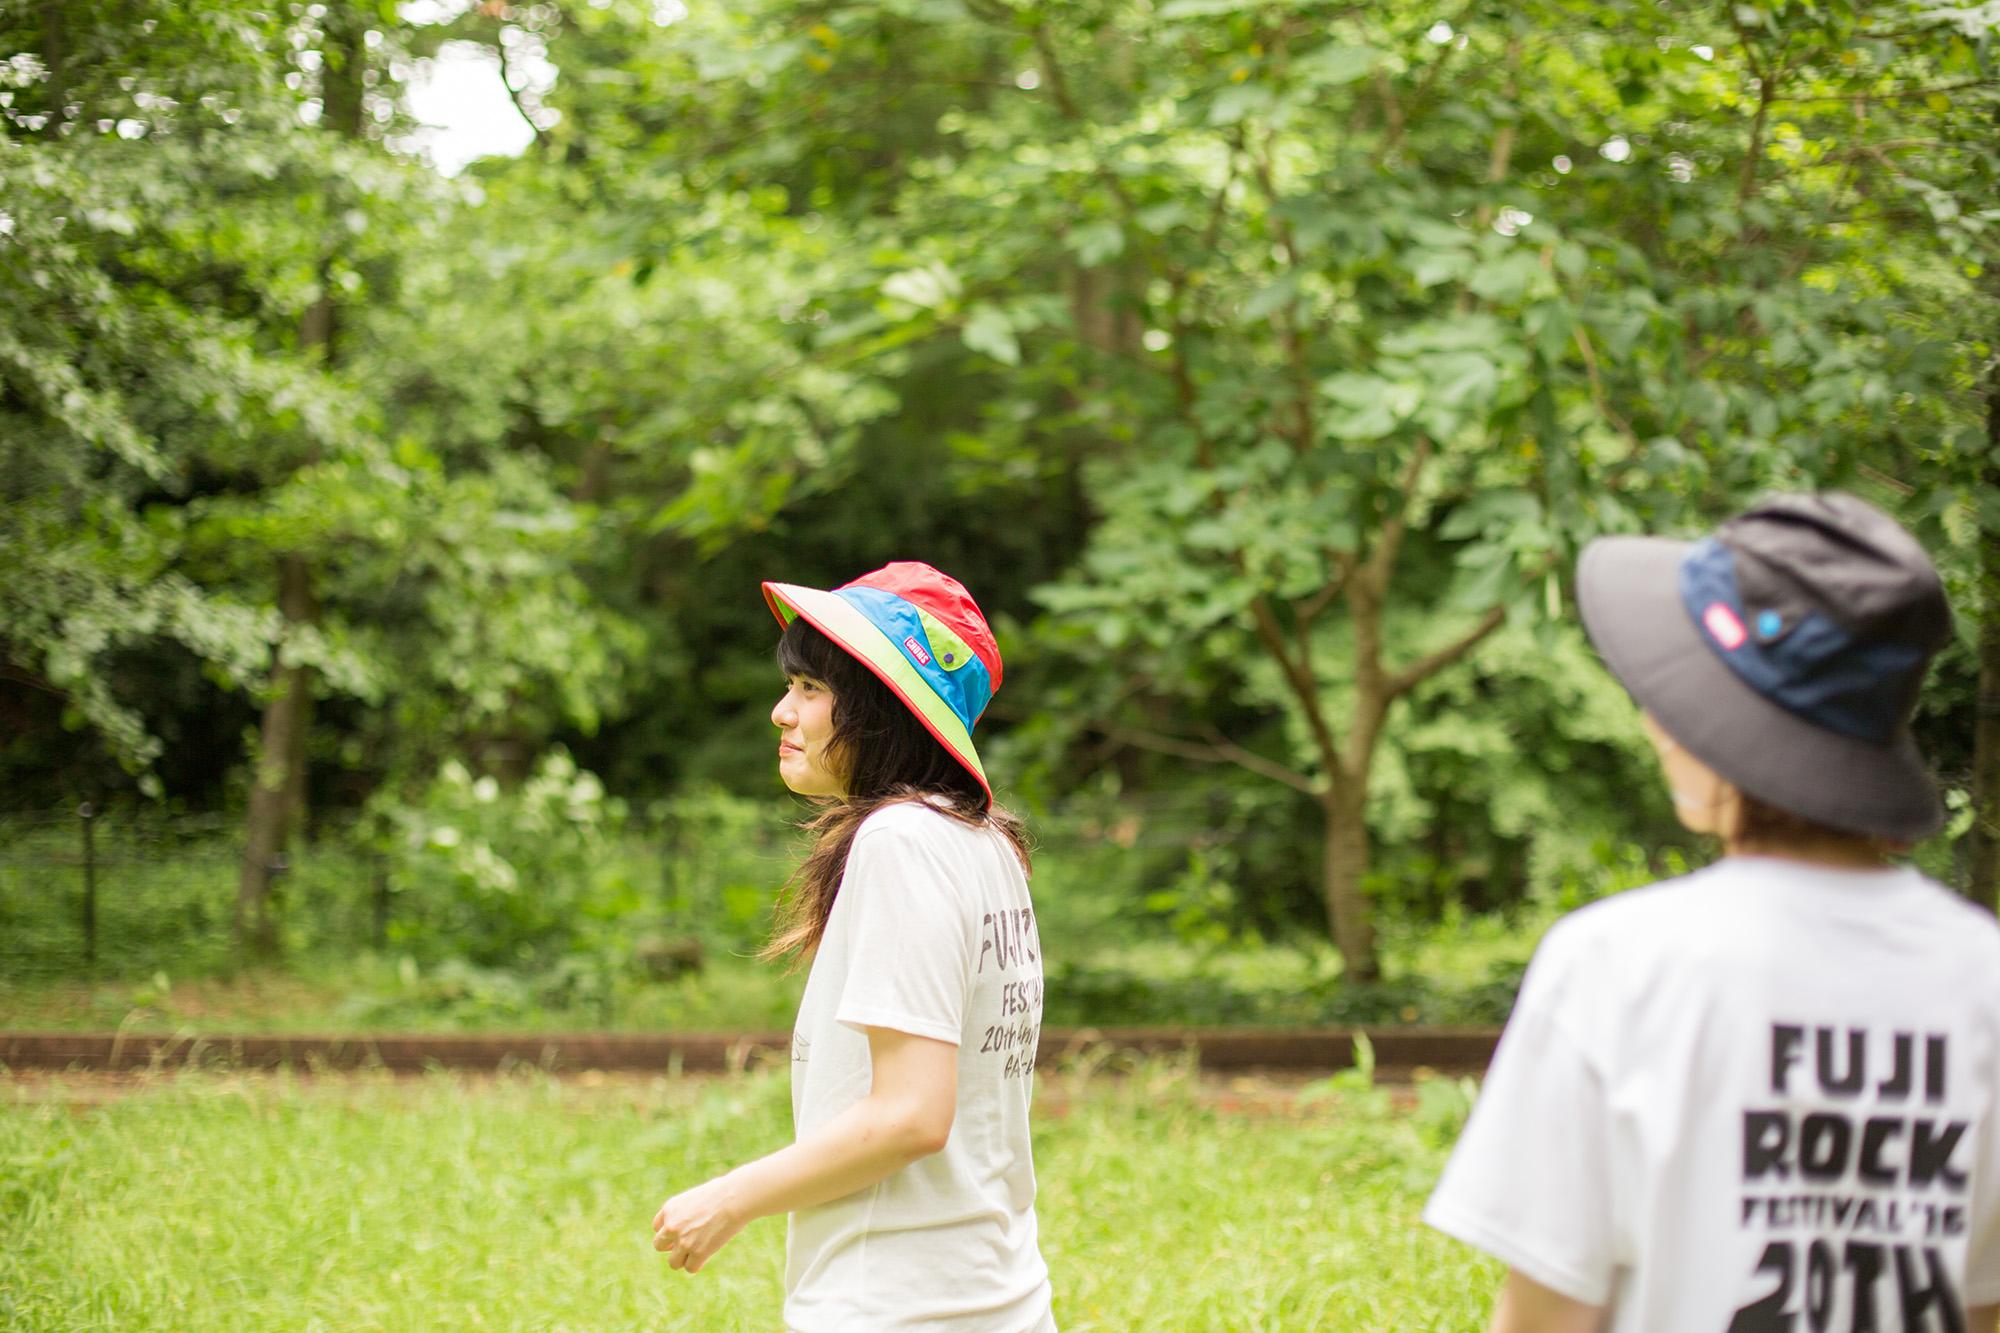 【フェスファッション】フジロックにも着ていきたい!2016年、夏フェスコーデ R7A3813